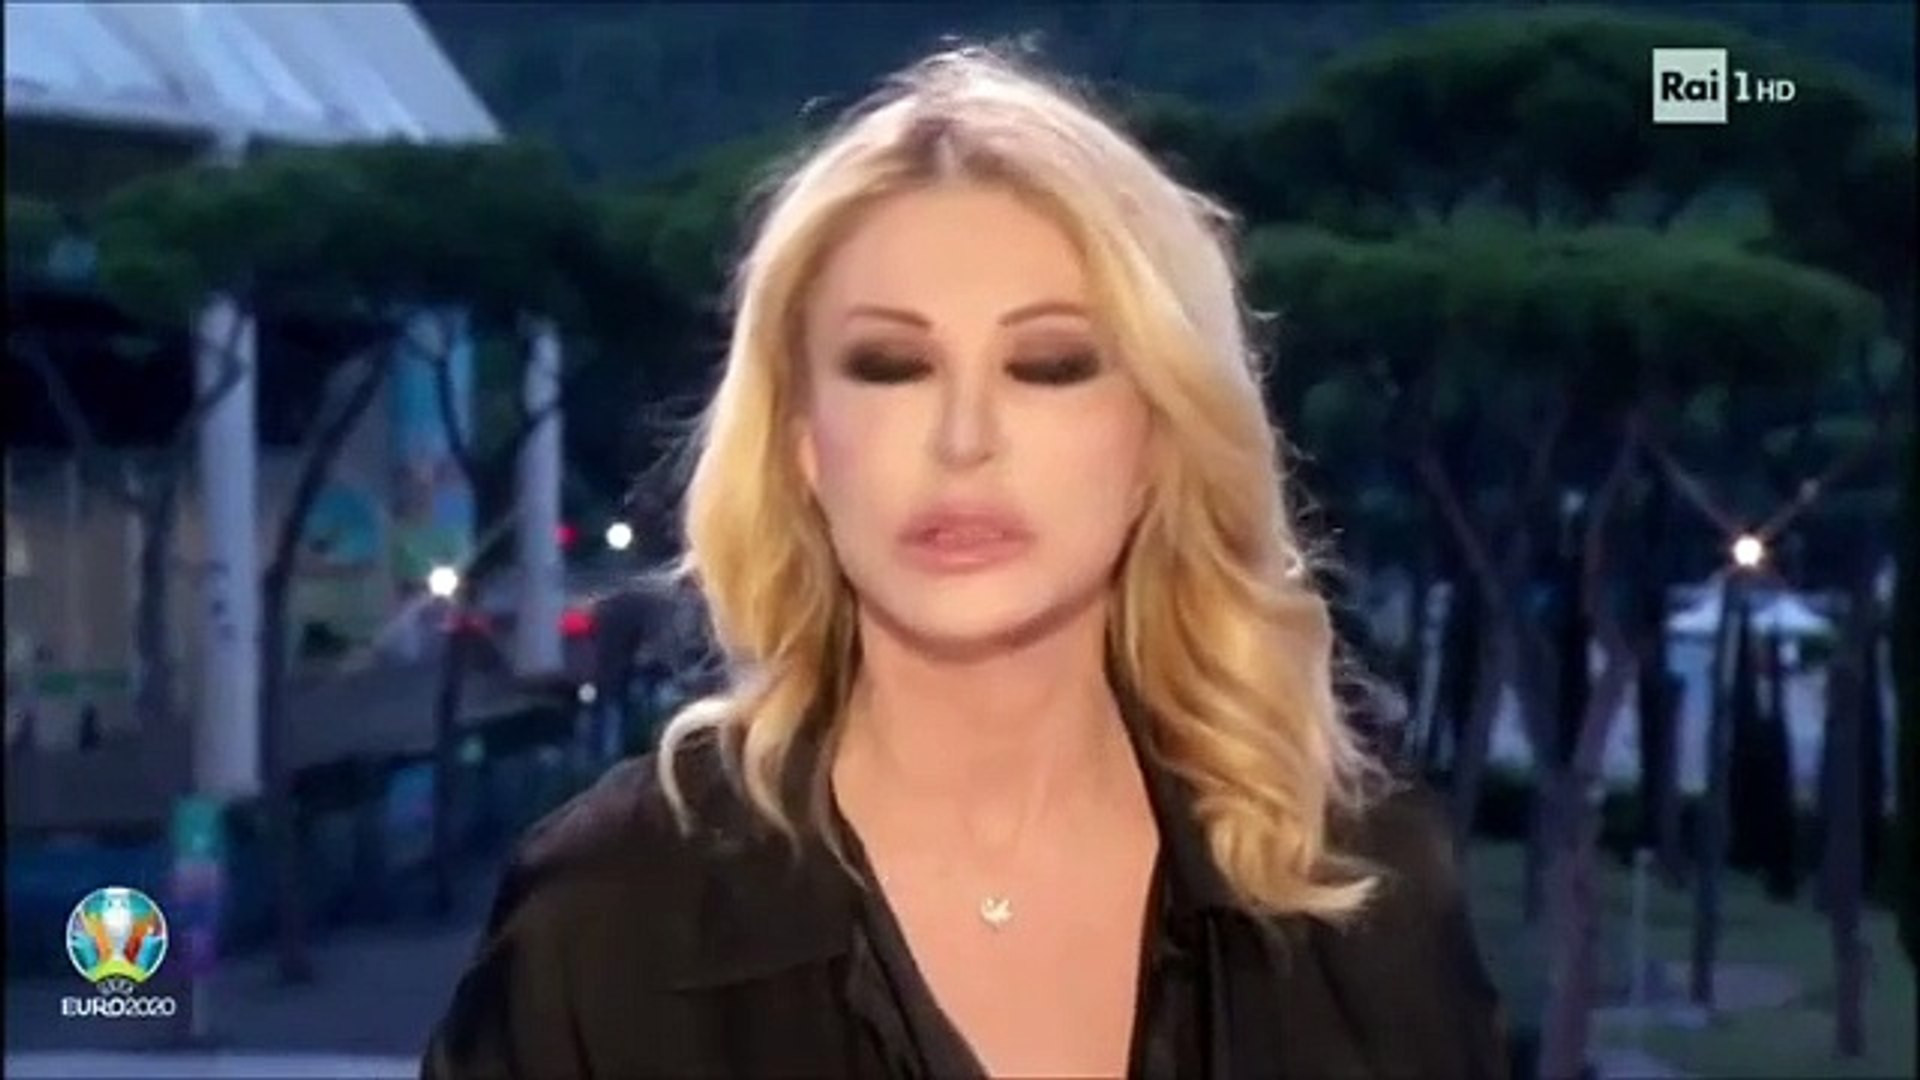 İtalyan spiker yayına iç çamaşırsız çıkınca olanlar oldu